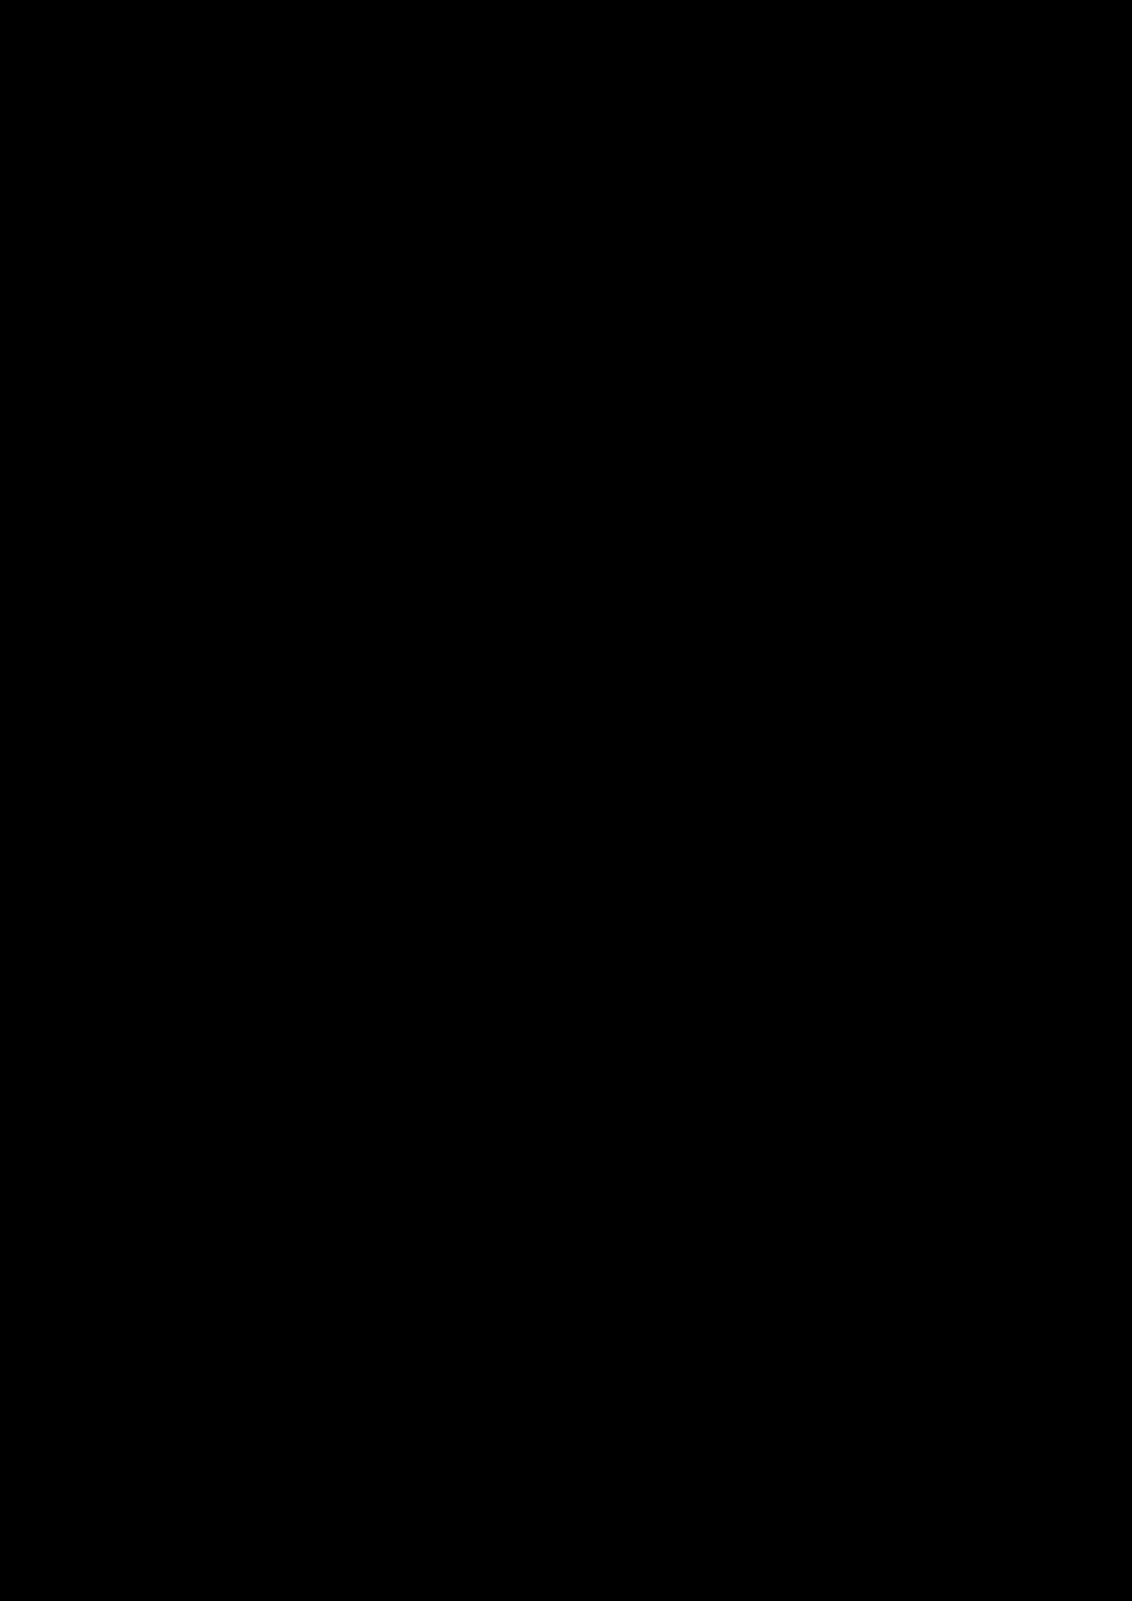 Vyibor Est slide, Image 32